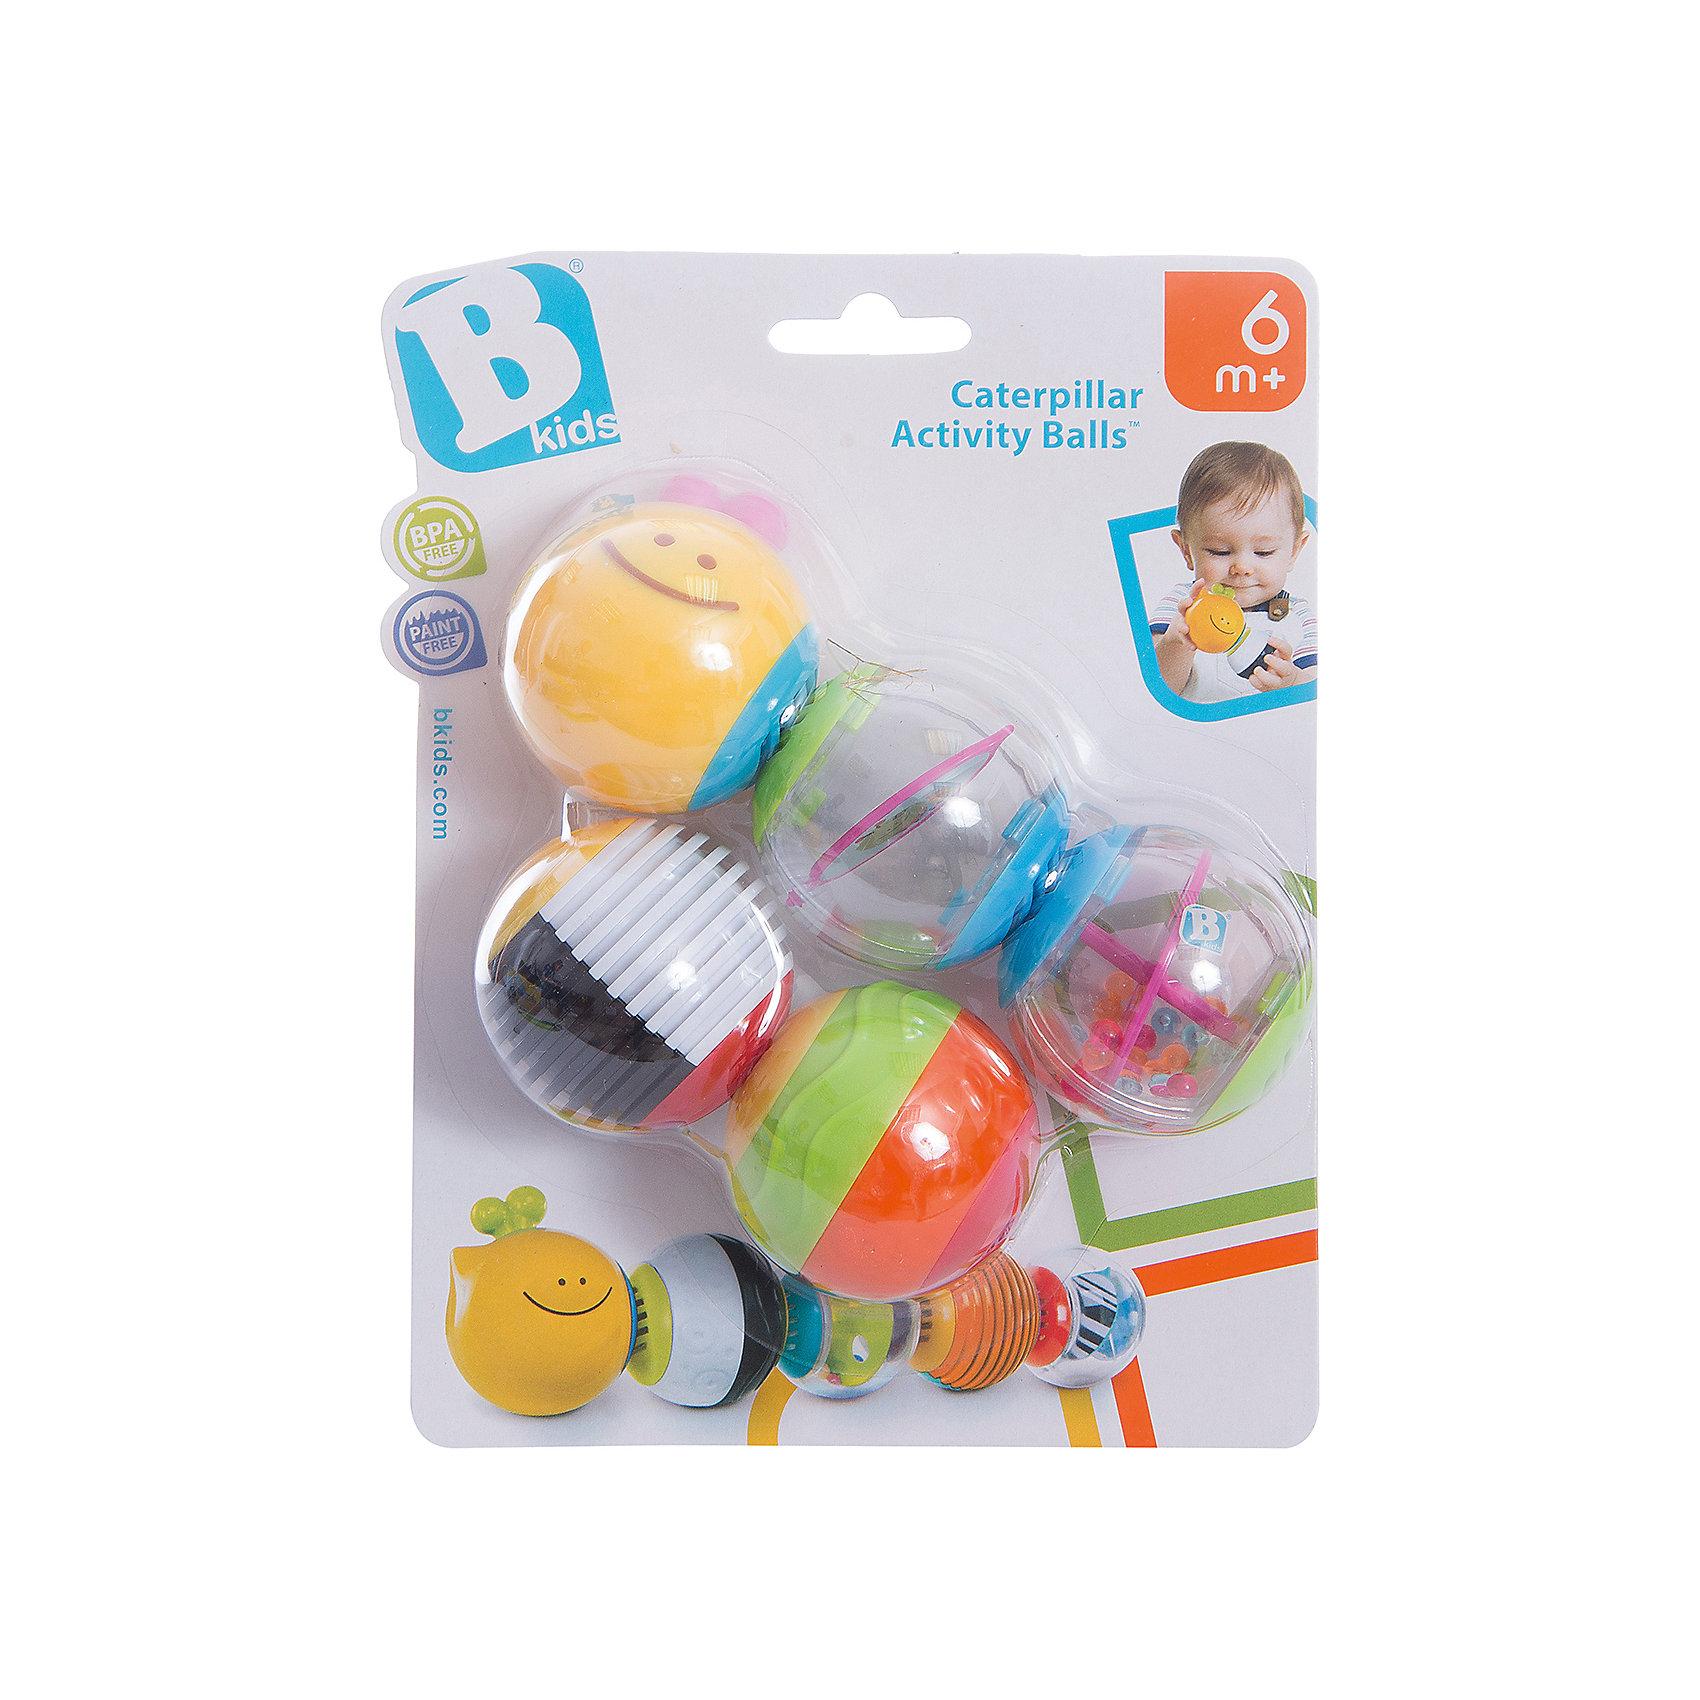 Игрушка - пазл Веселая гусеничка, BKidsРазвивающие игрушки<br>Помогать развивать способности ребенка можно с самого раннего возраста. Делая это в игре, малыш всесторонне изучает мир и осваивает новые навыки. Эта игрушка представляет симпатичный пазл-погремушку из магнитных шаров с разной текстурой.<br>Такие игрушки способствуют развитию мелкой моторики, воображения, цвето- и звуковосприятия, тактильных ощущений и обучению. Изделие разработано специально для самых маленьких. Сделано из материалов, безопасных для детей.<br><br>Дополнительная информация:<br><br>цвет: разноцветный;<br>комплектация: 5 шаров;<br>размер упаковки: 20 х 15 х 6 см;<br>возраст: с 6 мес.<br><br>Игрушку - пазл Веселая гусеничка от бренда BKids можно купить в нашем интернет-магазине.<br><br>Ширина мм: 152<br>Глубина мм: 152<br>Высота мм: 55<br>Вес г: 146<br>Возраст от месяцев: 6<br>Возраст до месяцев: 36<br>Пол: Унисекс<br>Возраст: Детский<br>SKU: 5055370